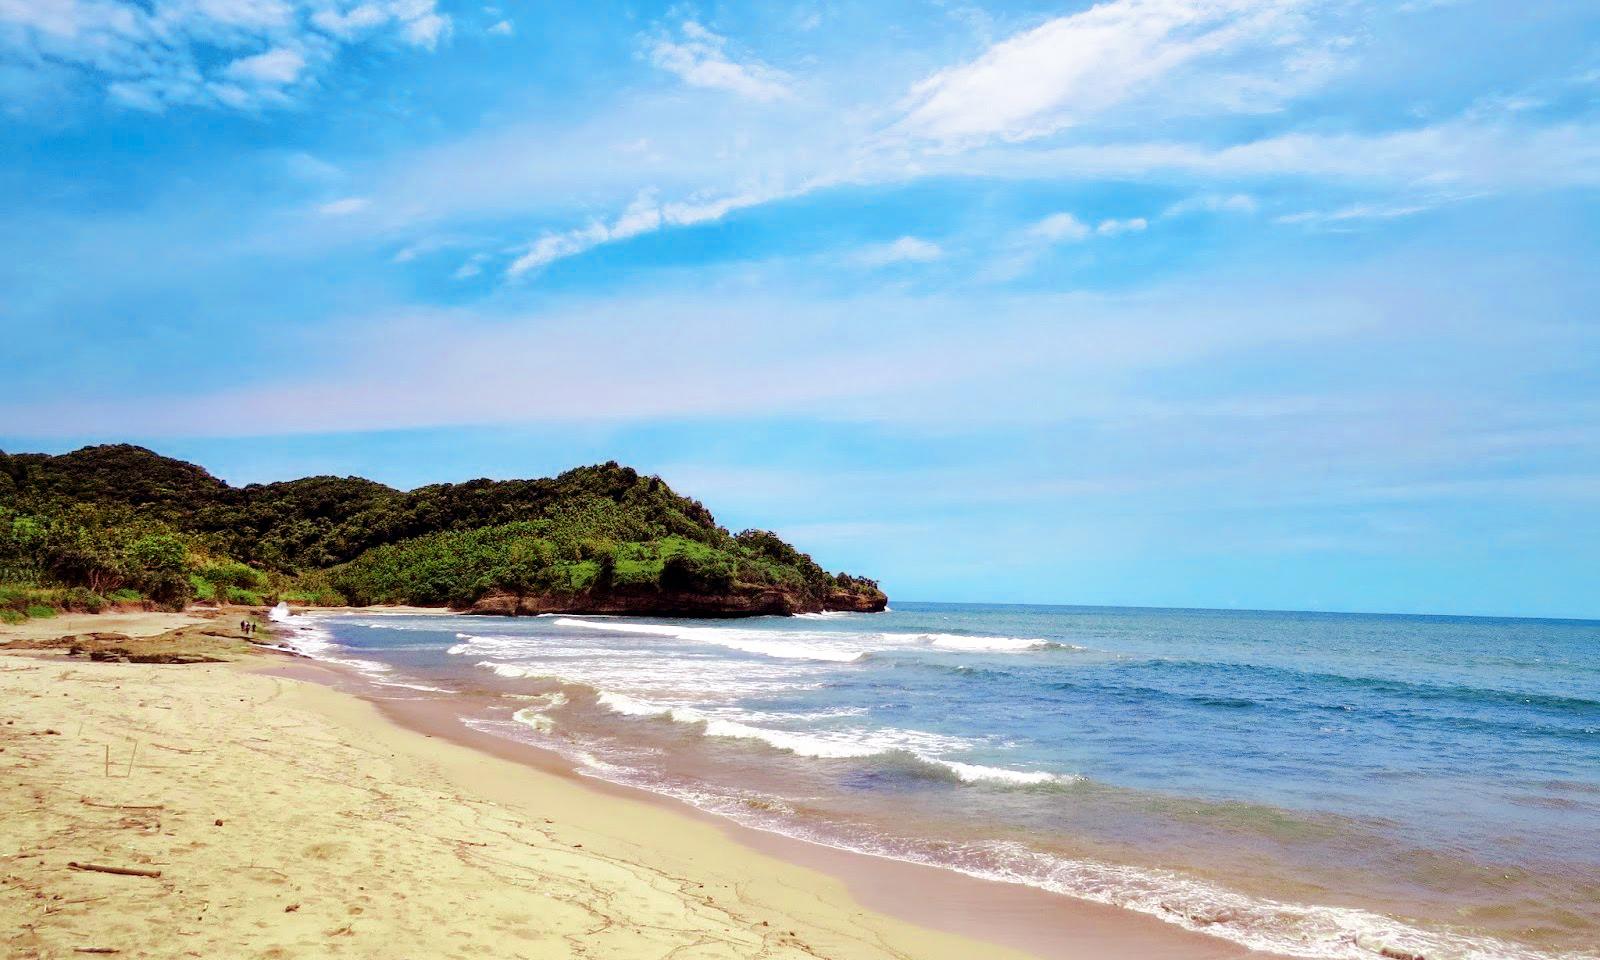 Daftar Tempat Wisata Tulungagung Edisi Terlengkap Ombonejagad 49 Pantai Molang